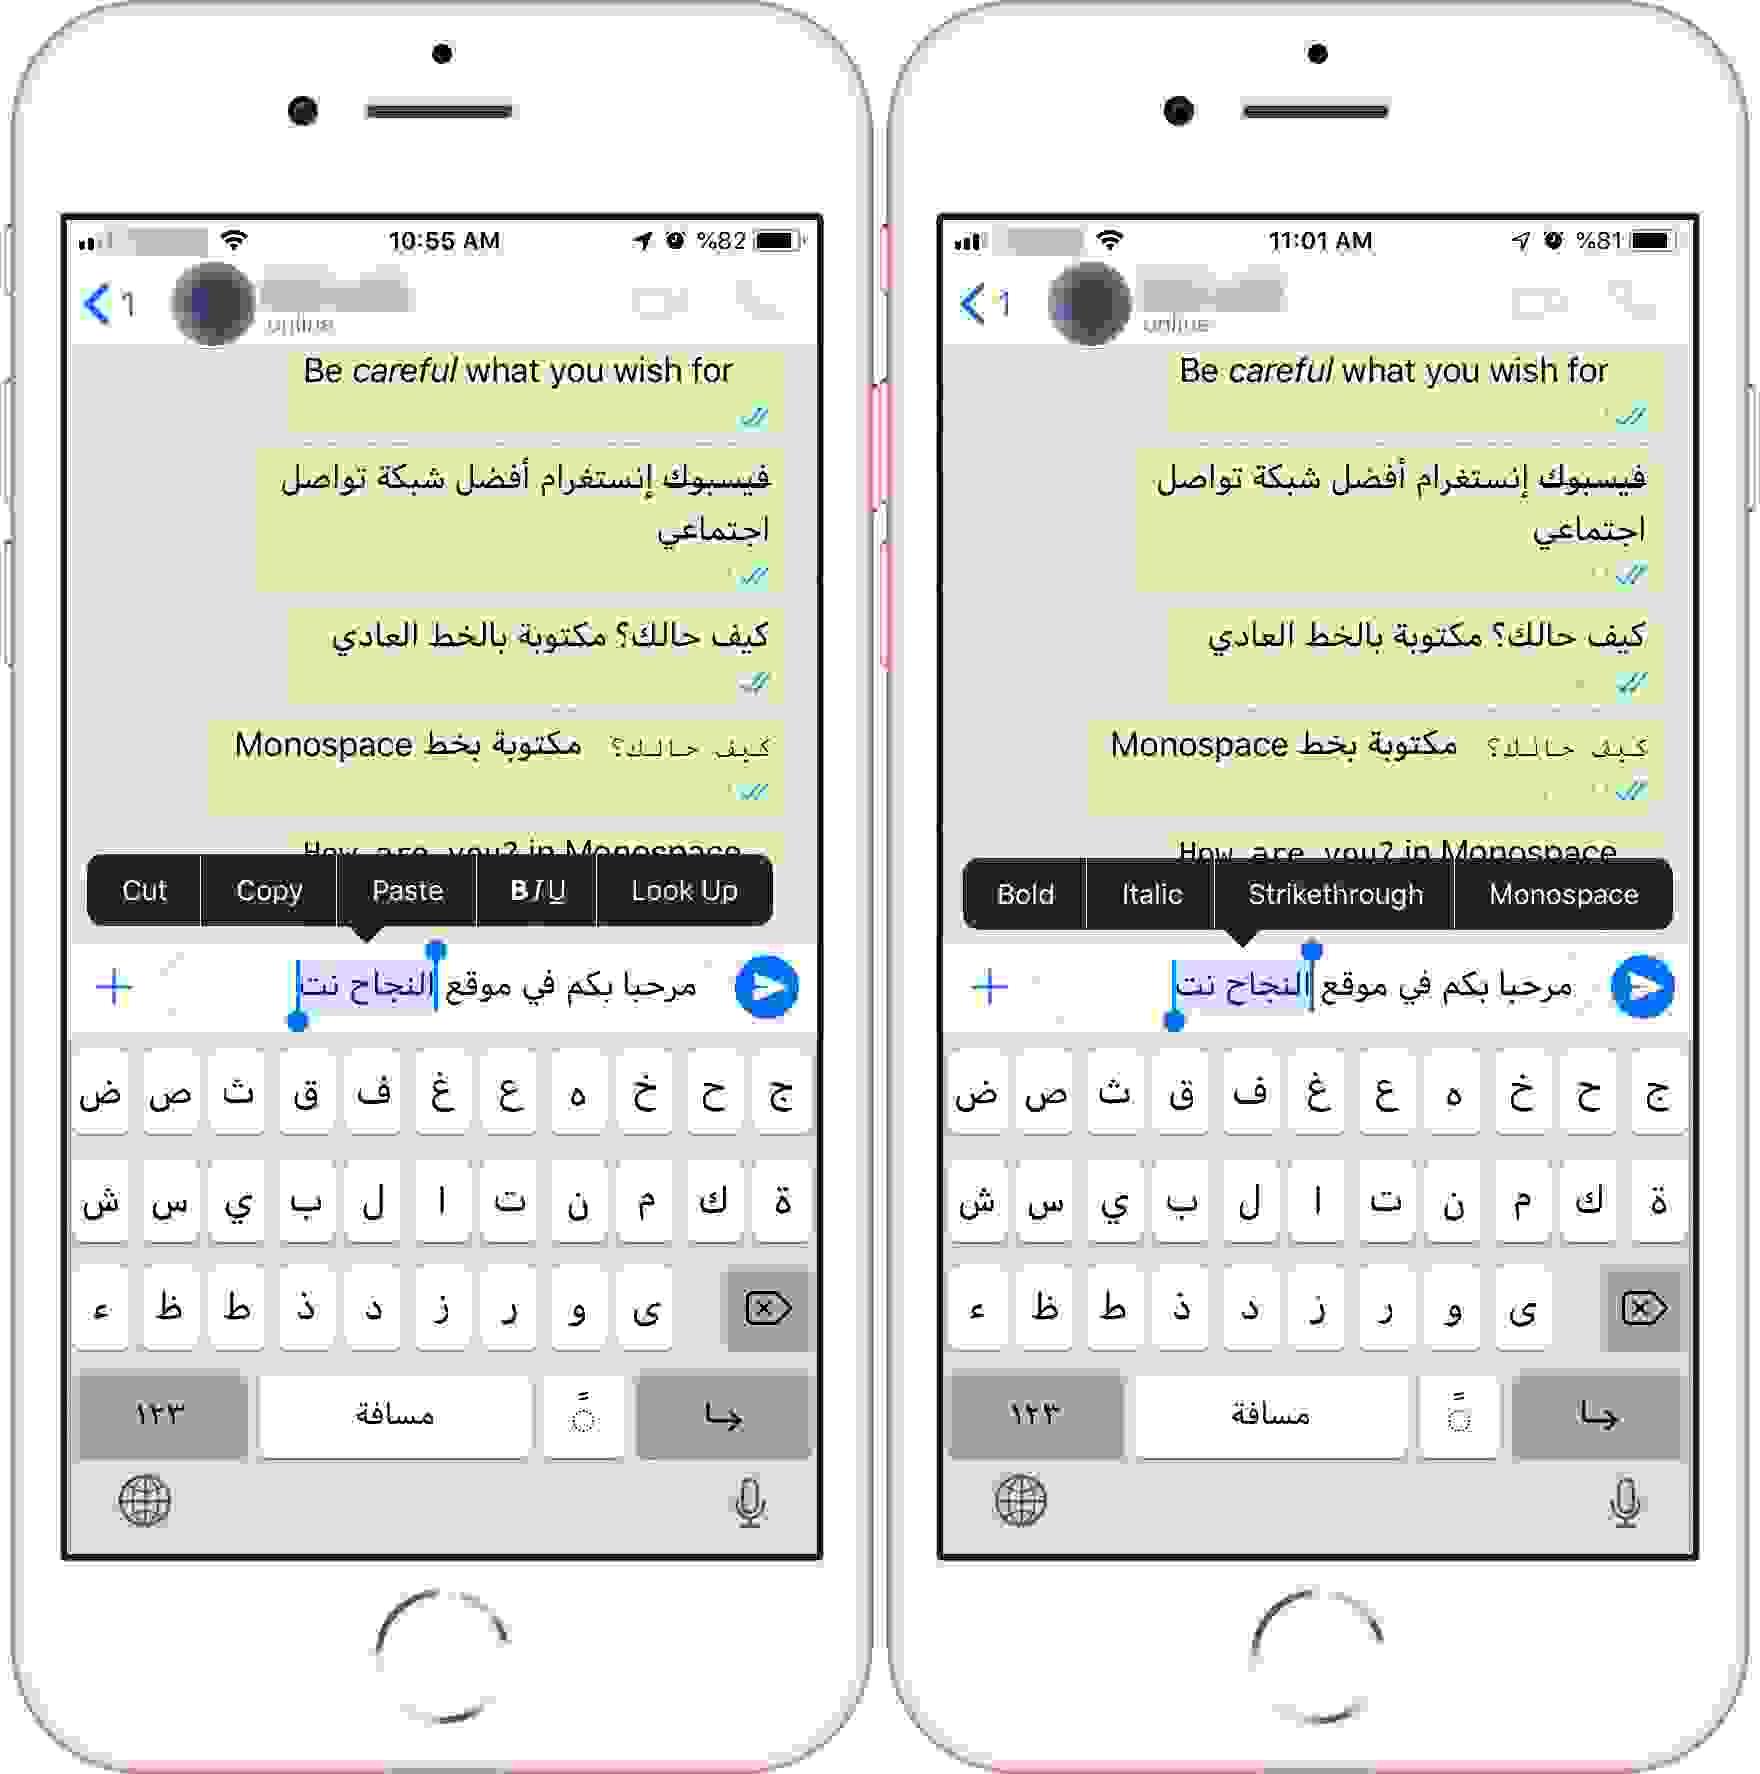 تغيير تنسيق النص باستخدام خيارات واتساب